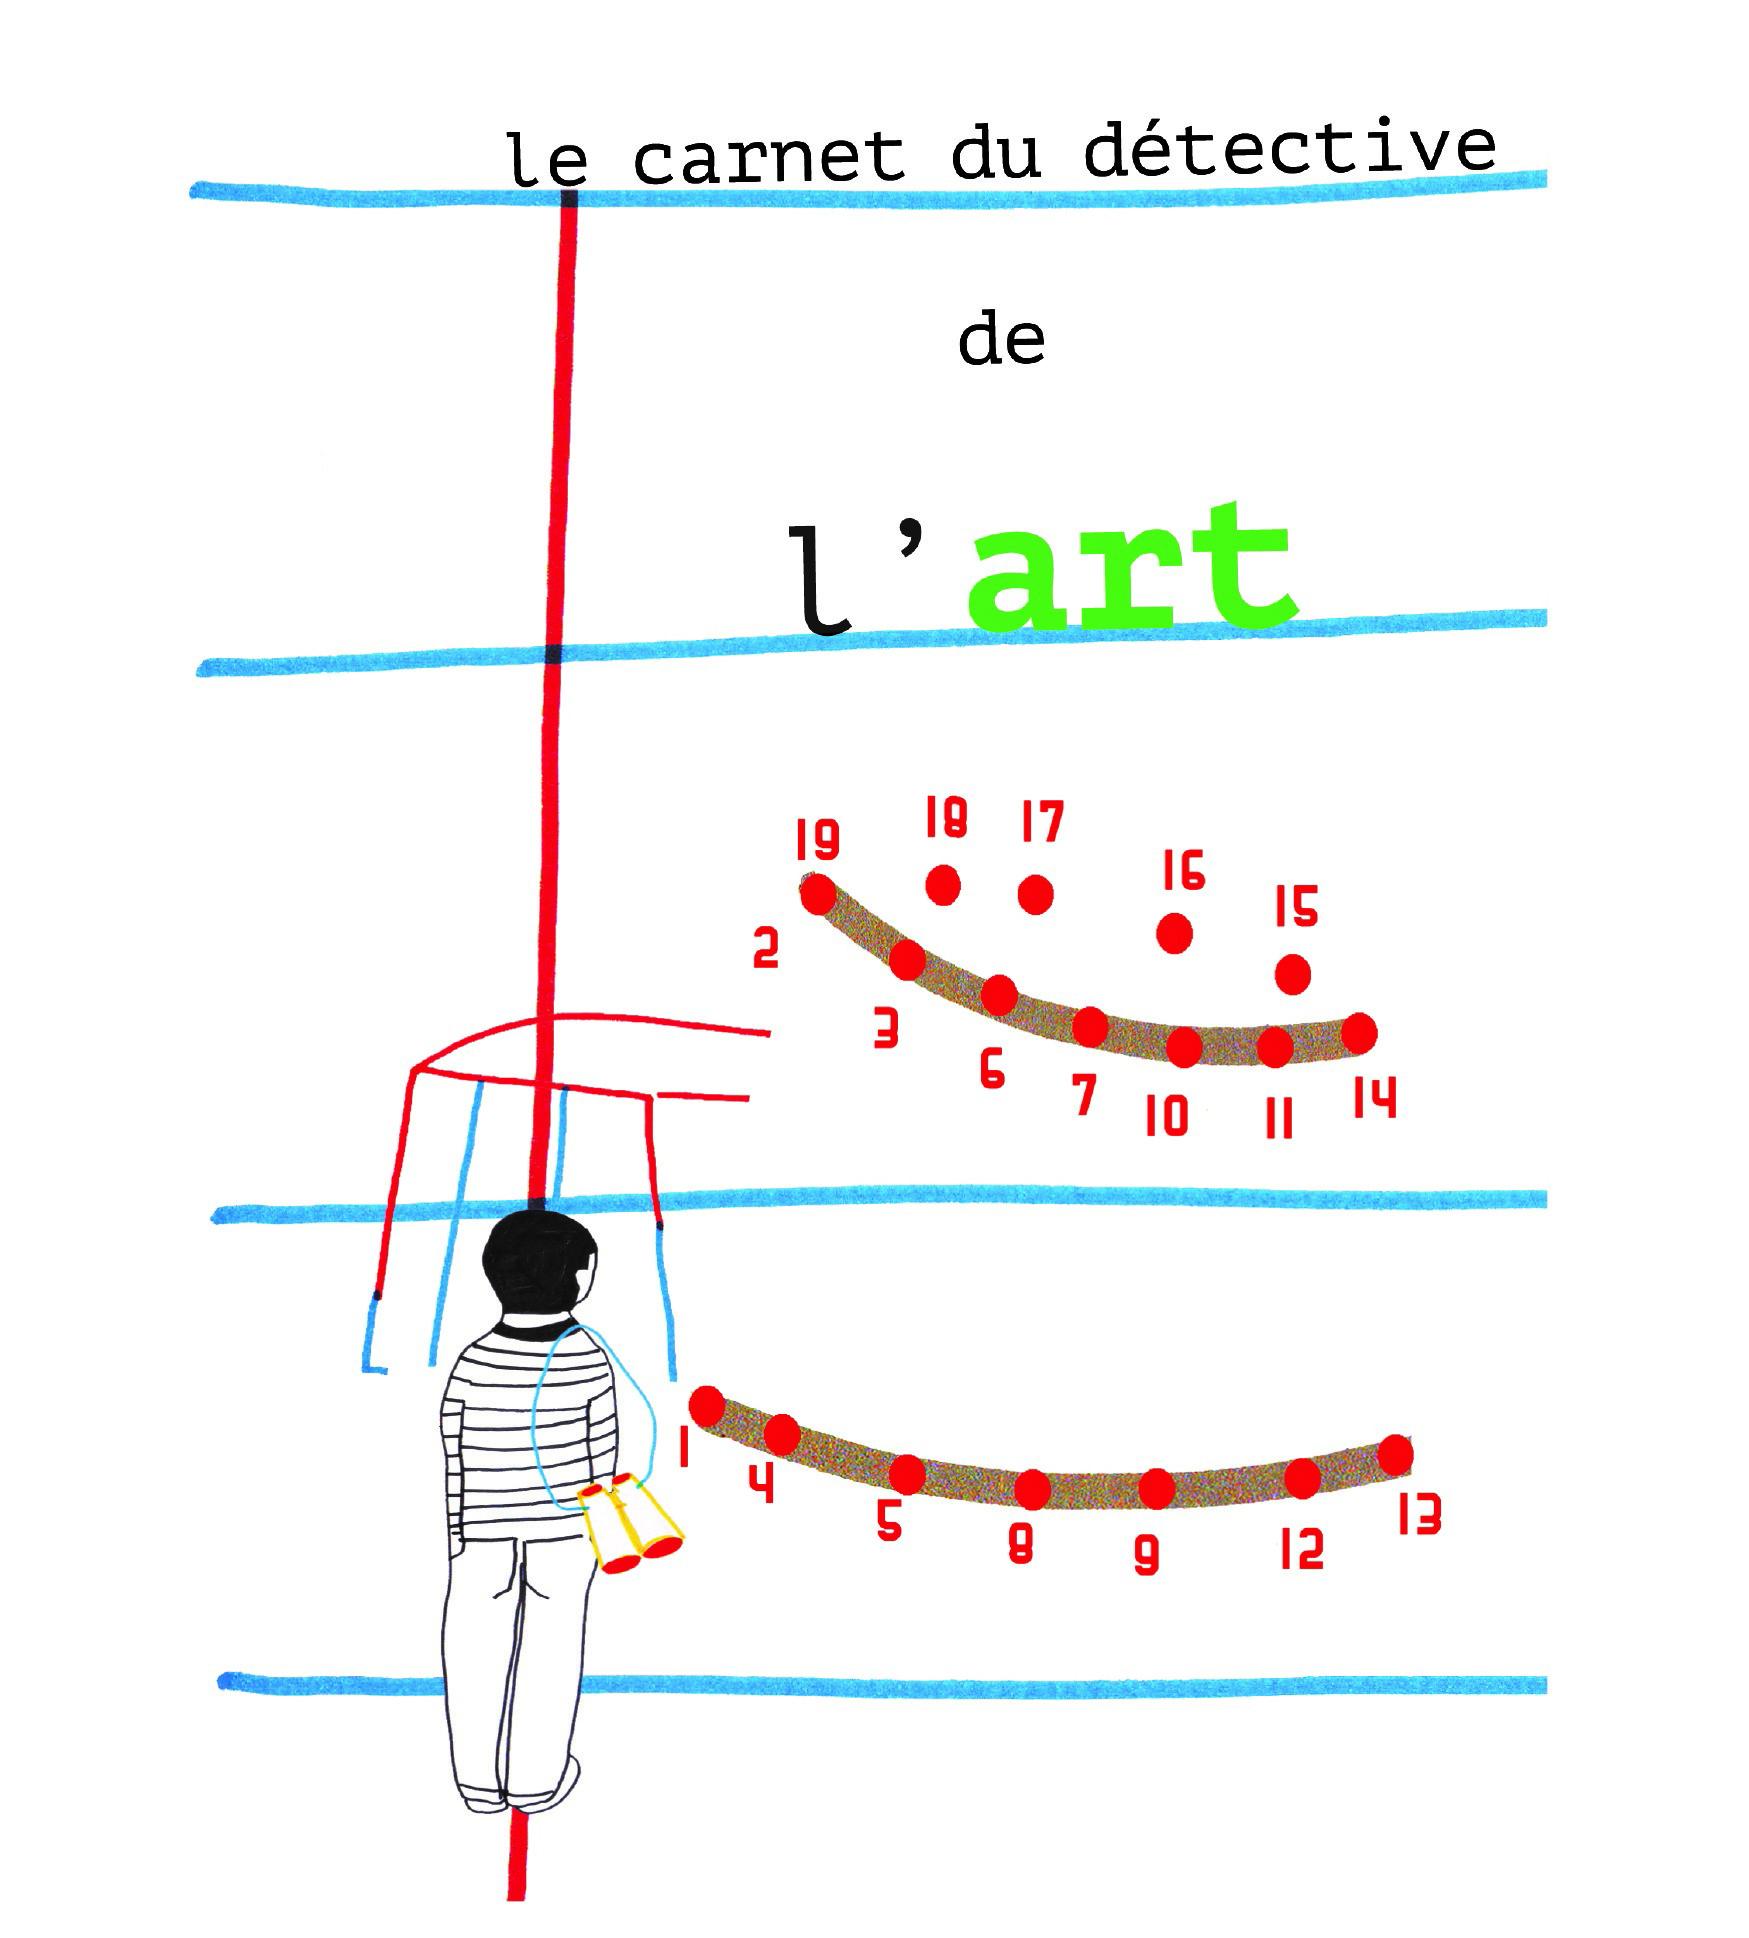 carnet du detective de lart visuel sans logos